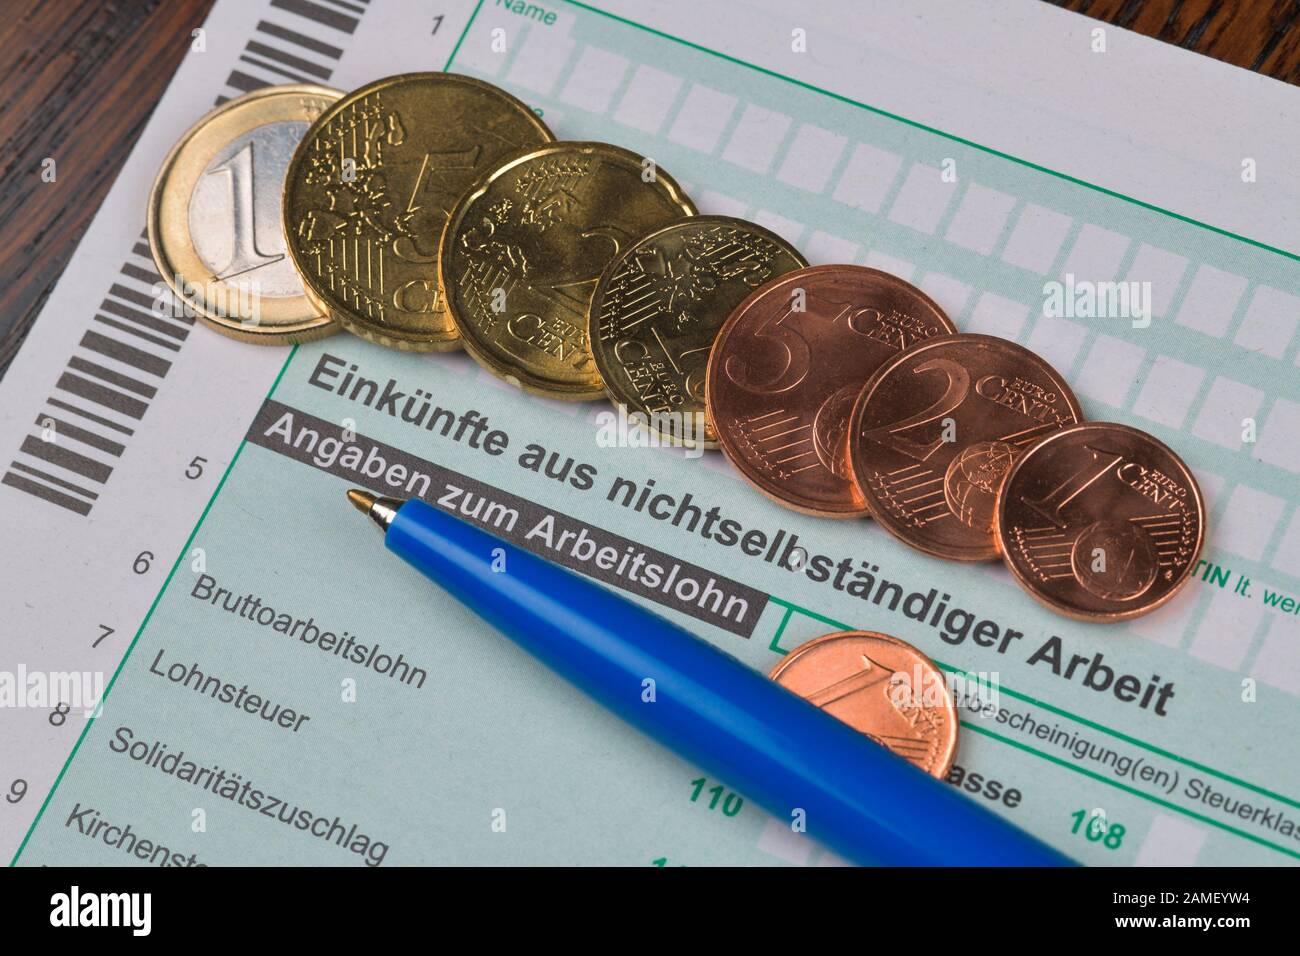 Einkünfte aus nichtselbständiger Arbeit, Formular N, Steuererklärung Stock Photo